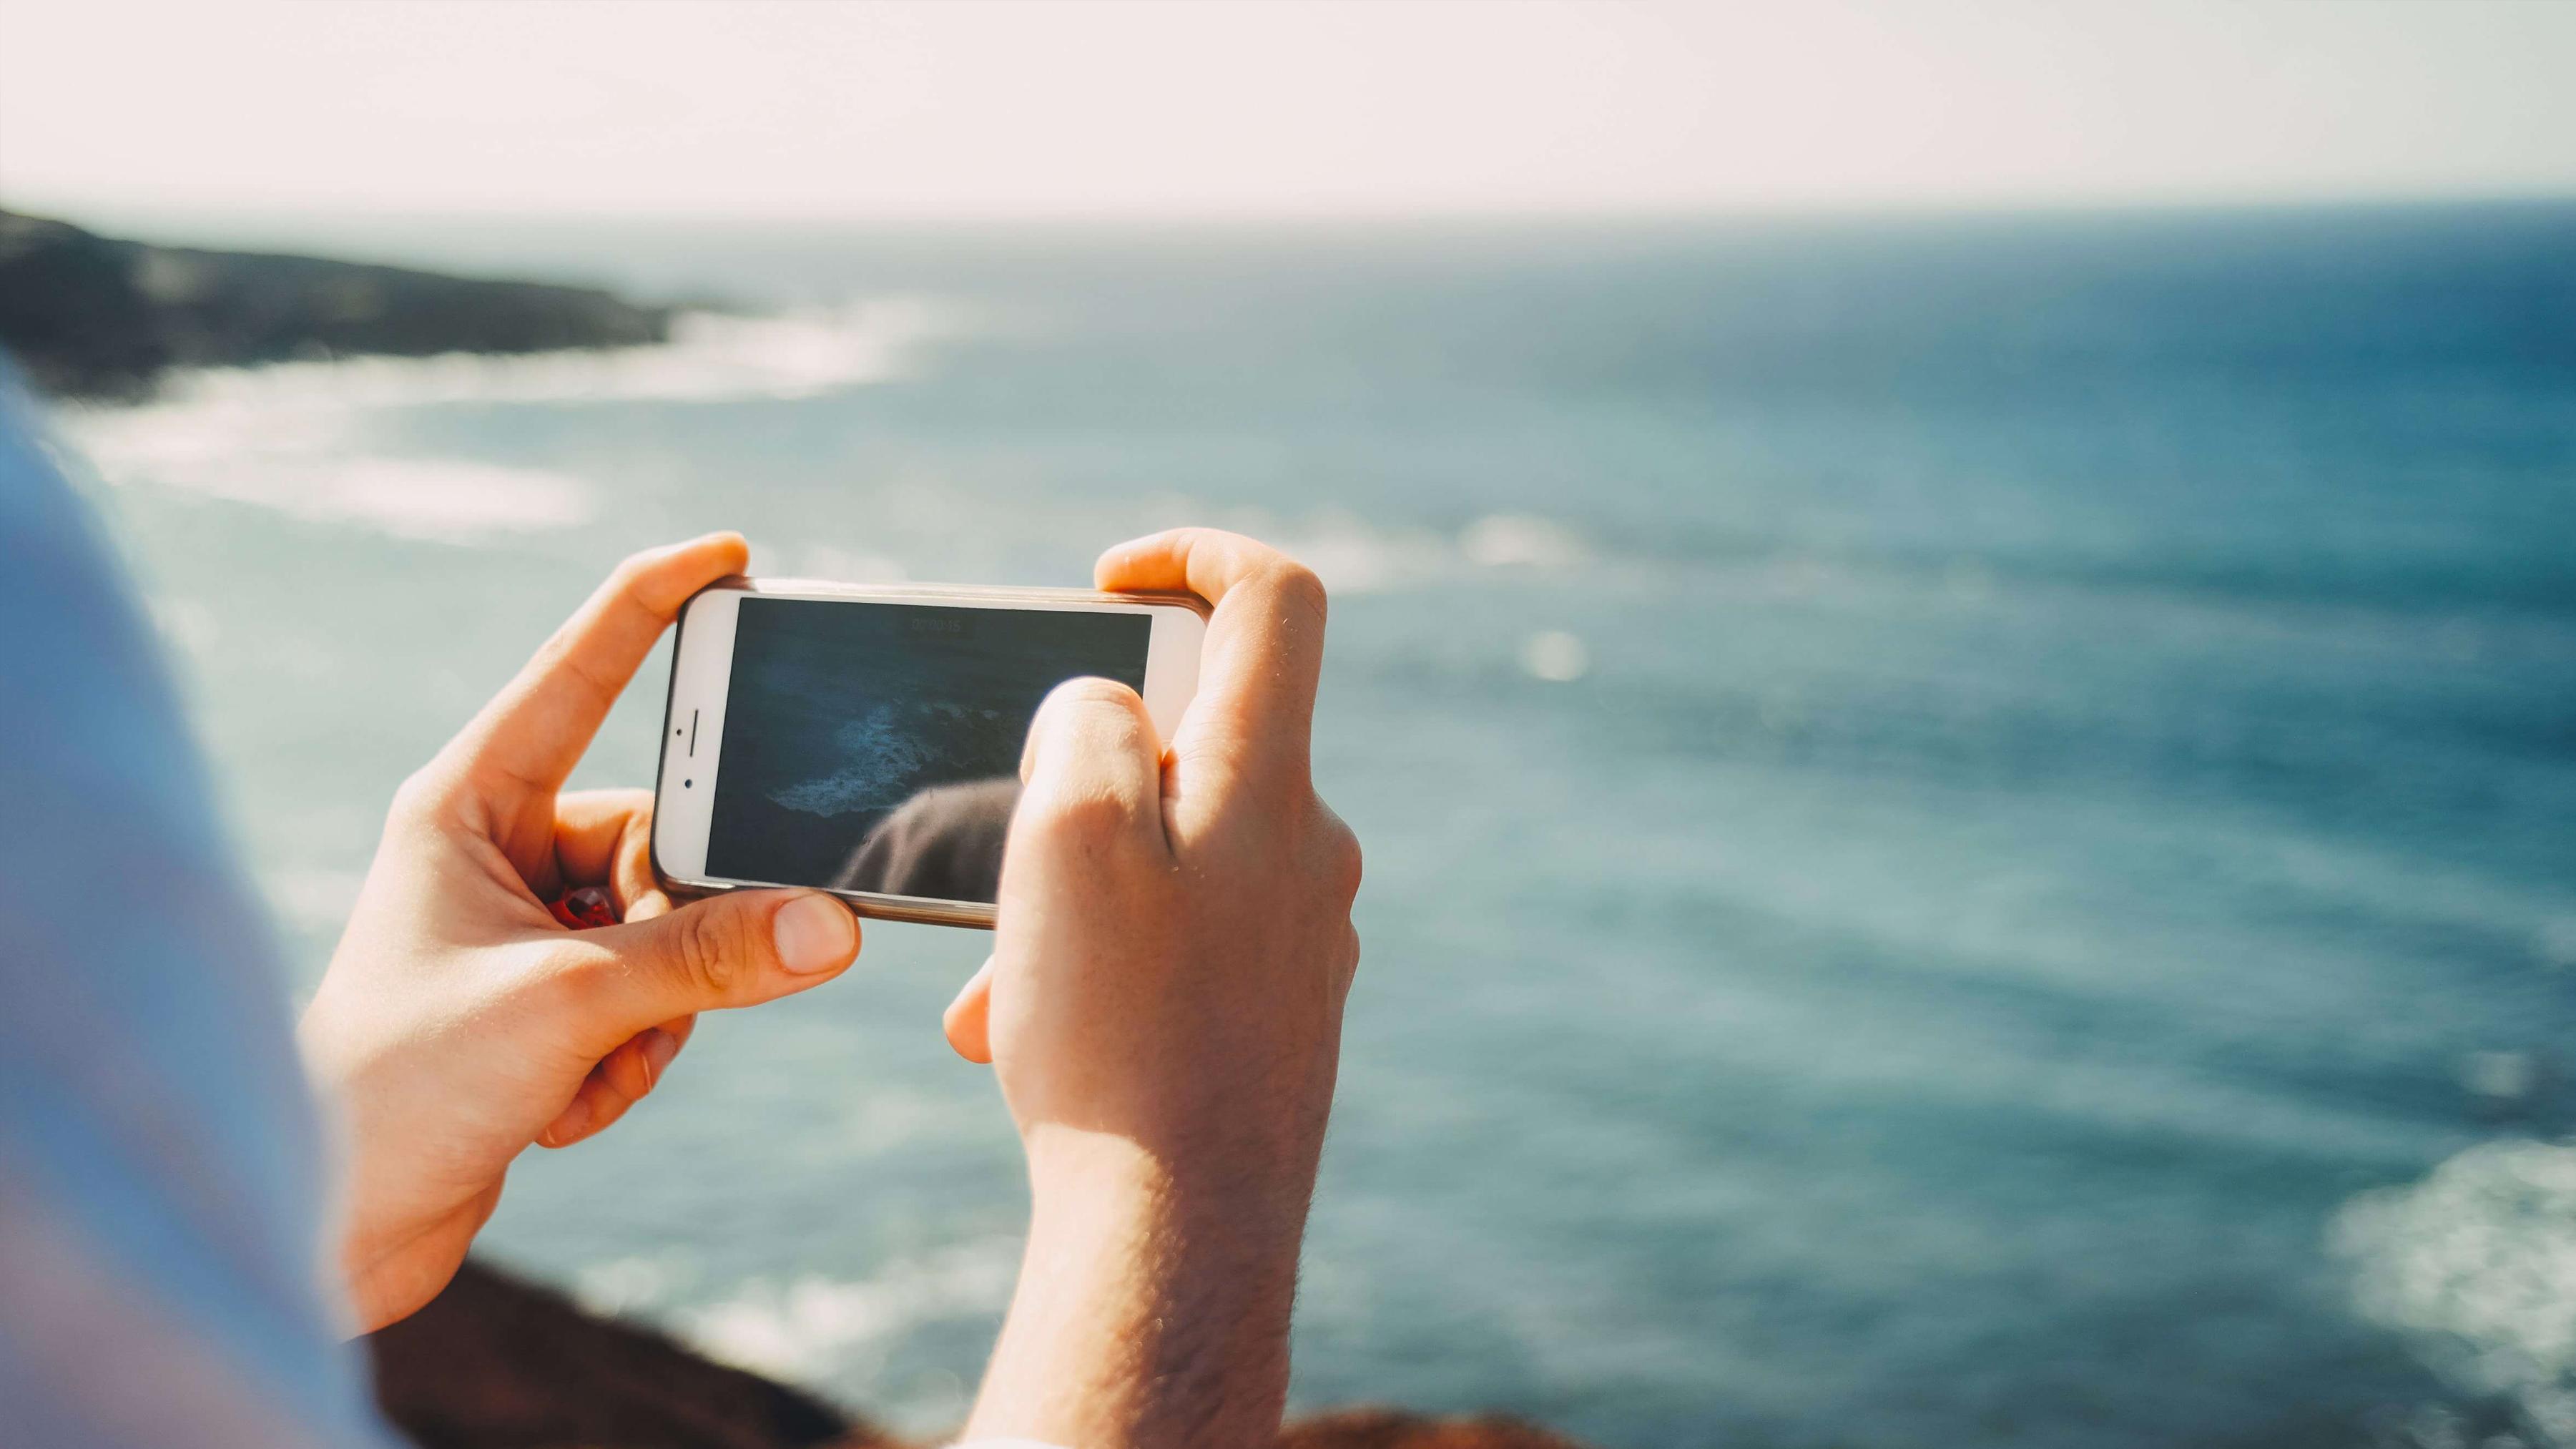 Coge el Móvil con las Dos Manos - Fotos Increíbles con tu Celular